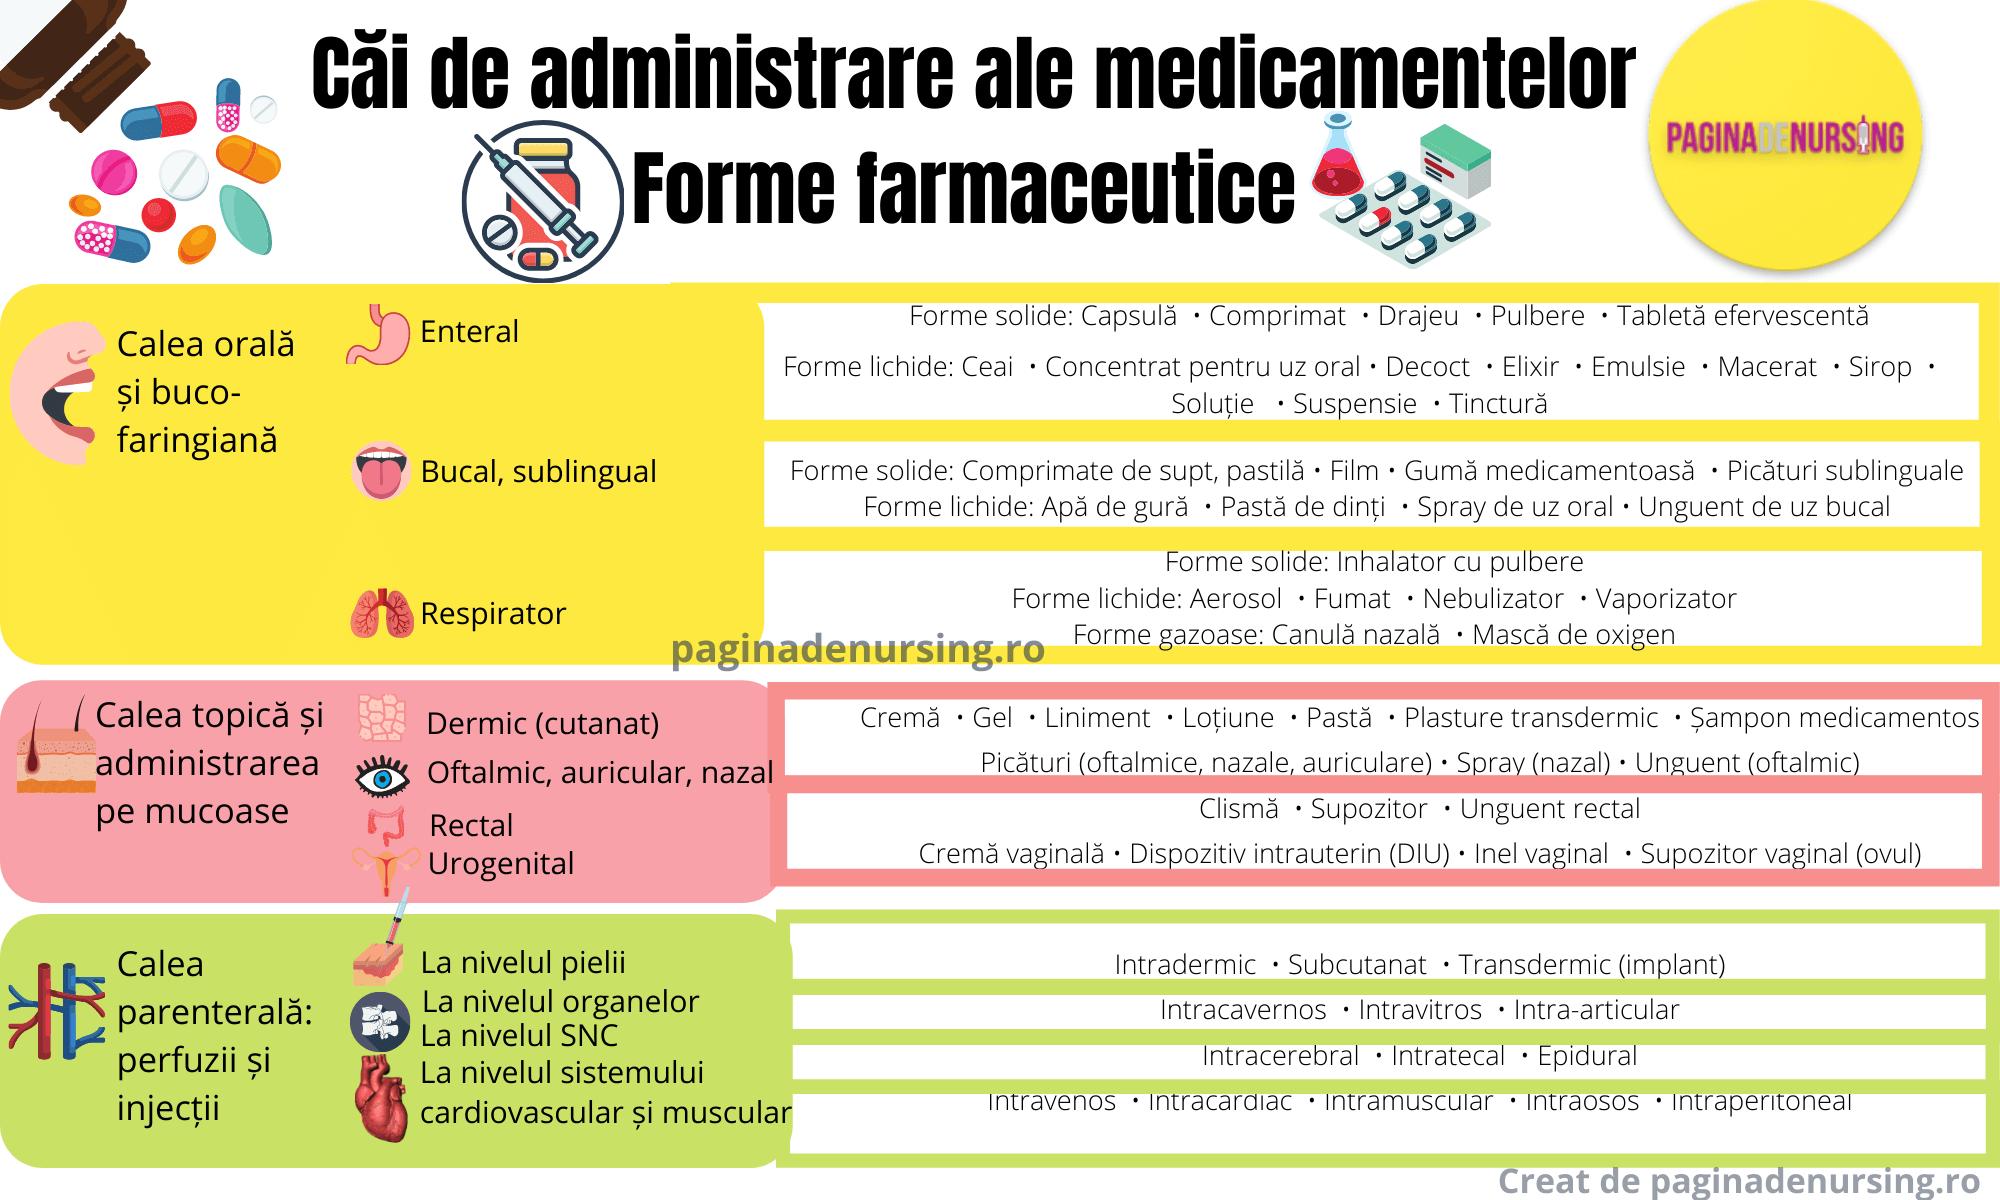 Cai de administrare ale medicamentelor forme farmaceutice paginadenursing amg